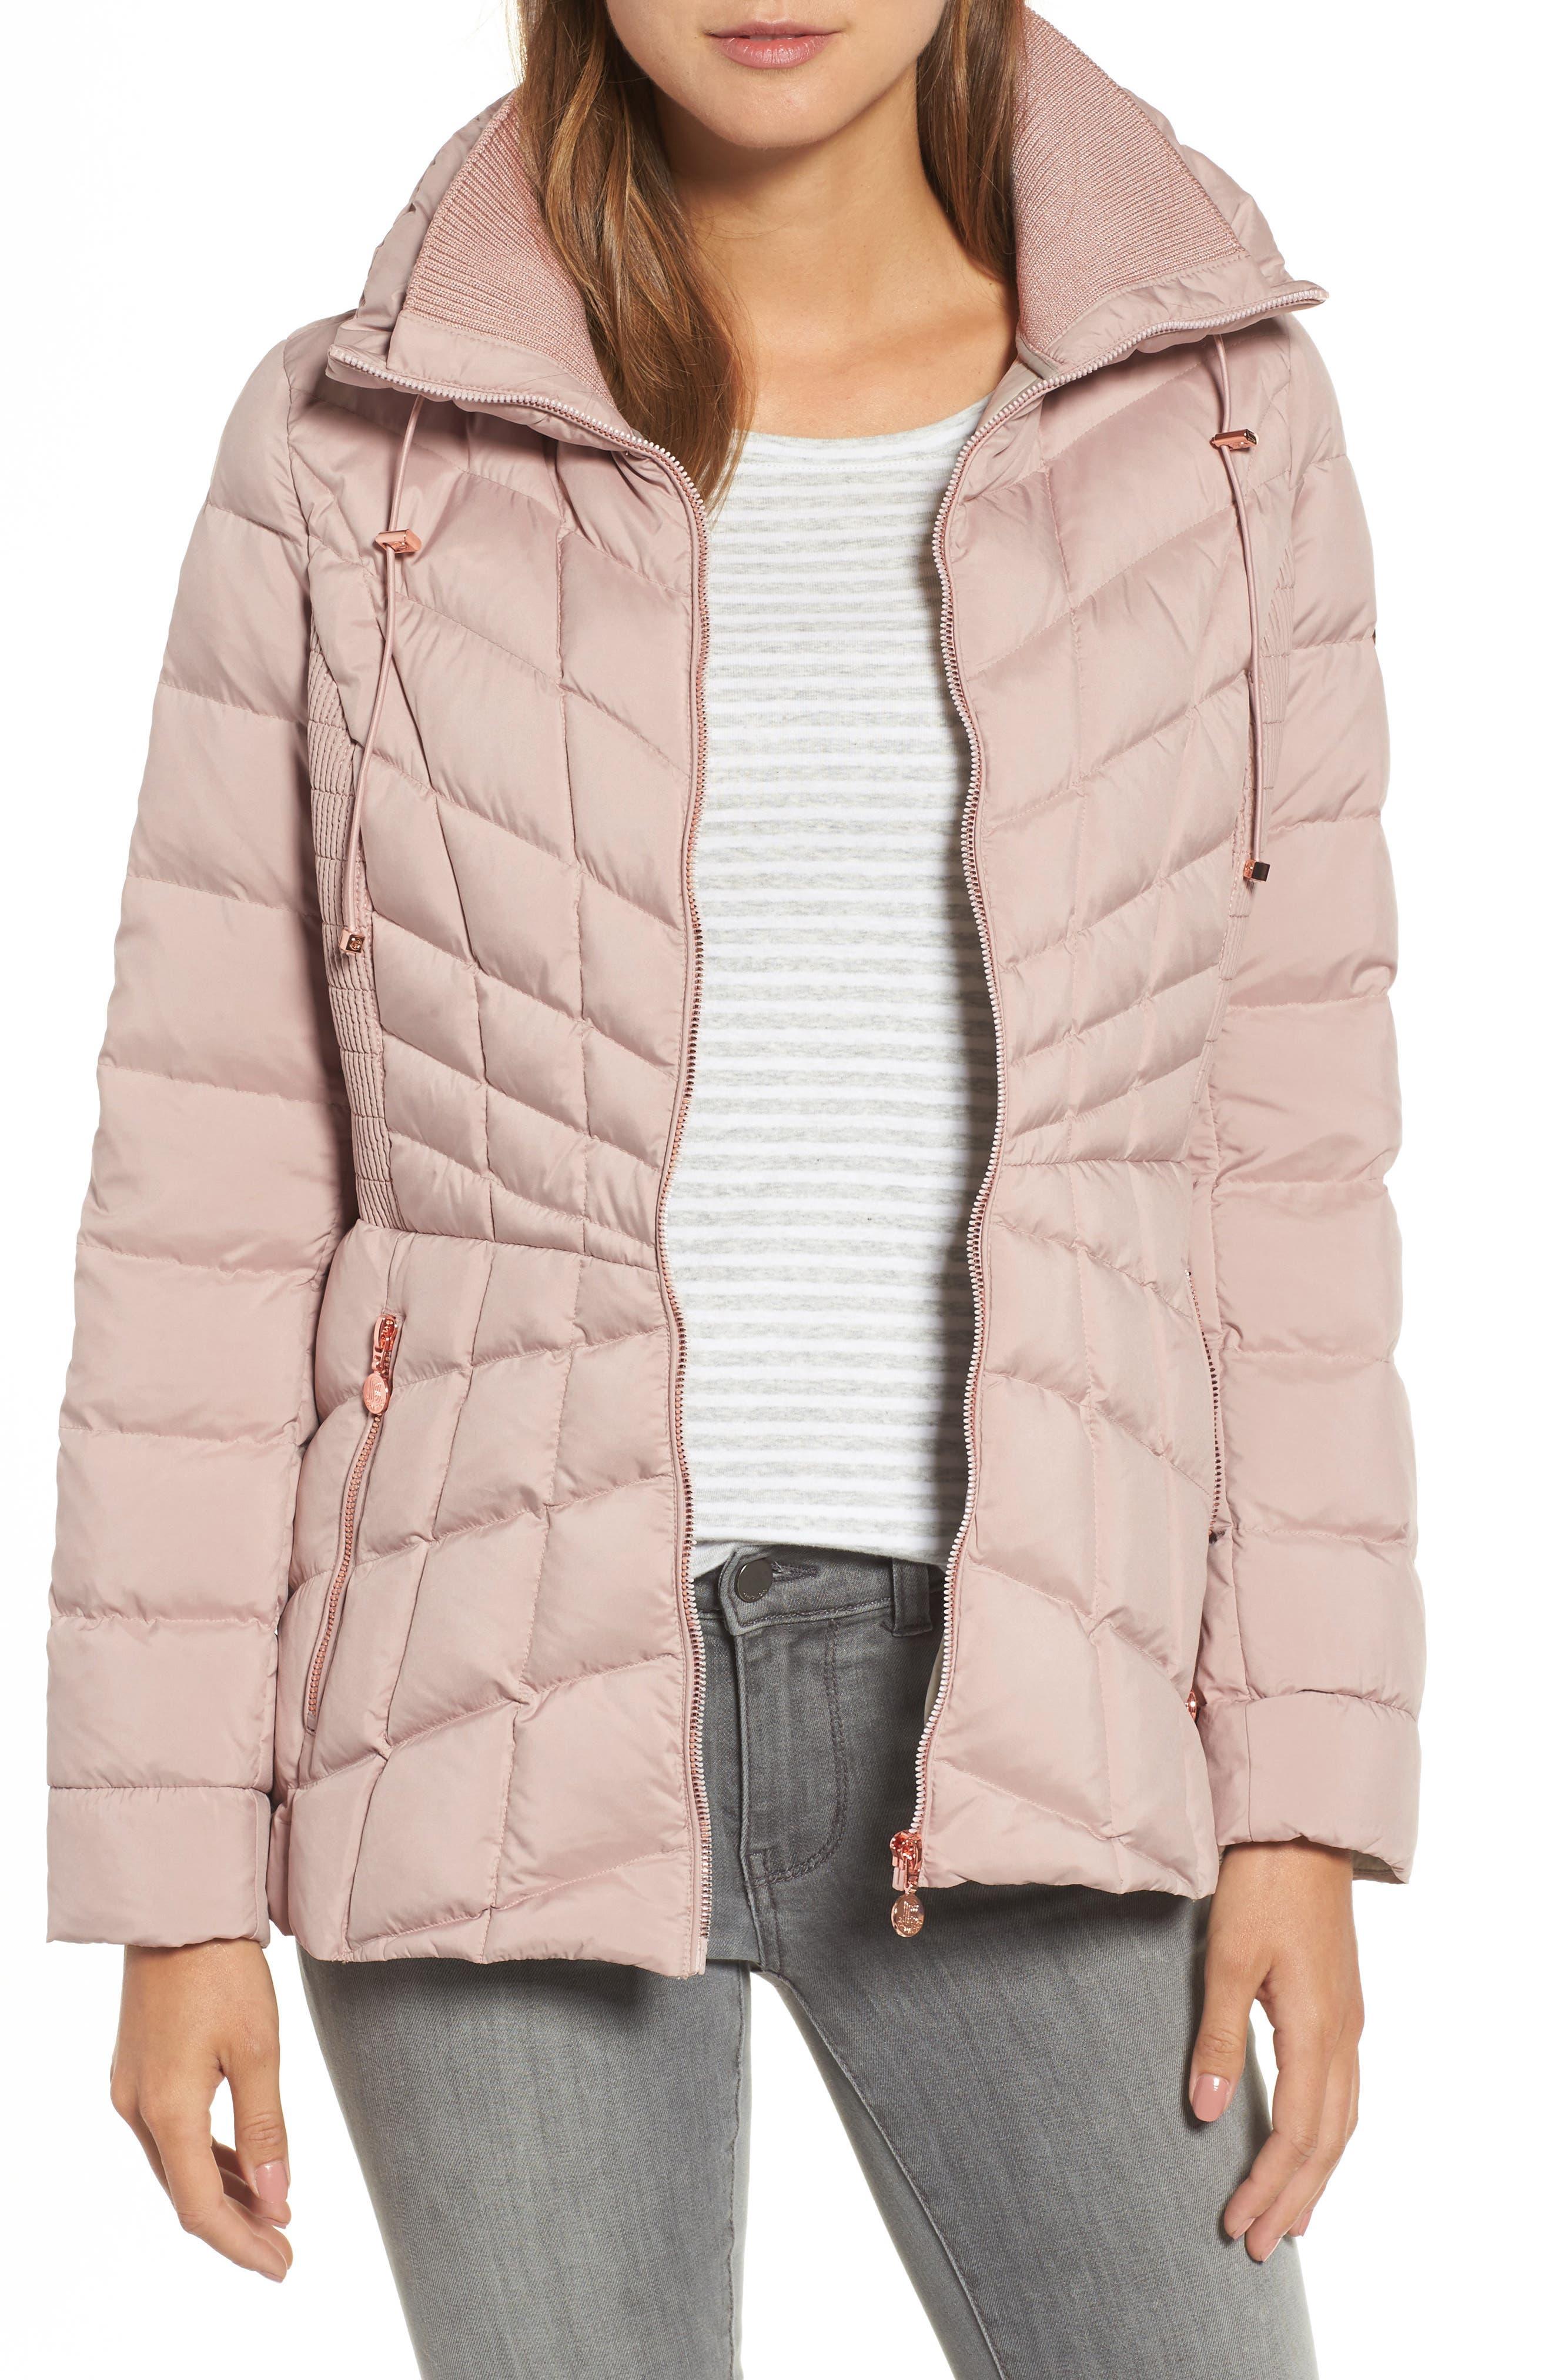 Alternate Image 1 Selected - Bernardo Packable Down & PrimaLoft® Coat (Regular & Petite)